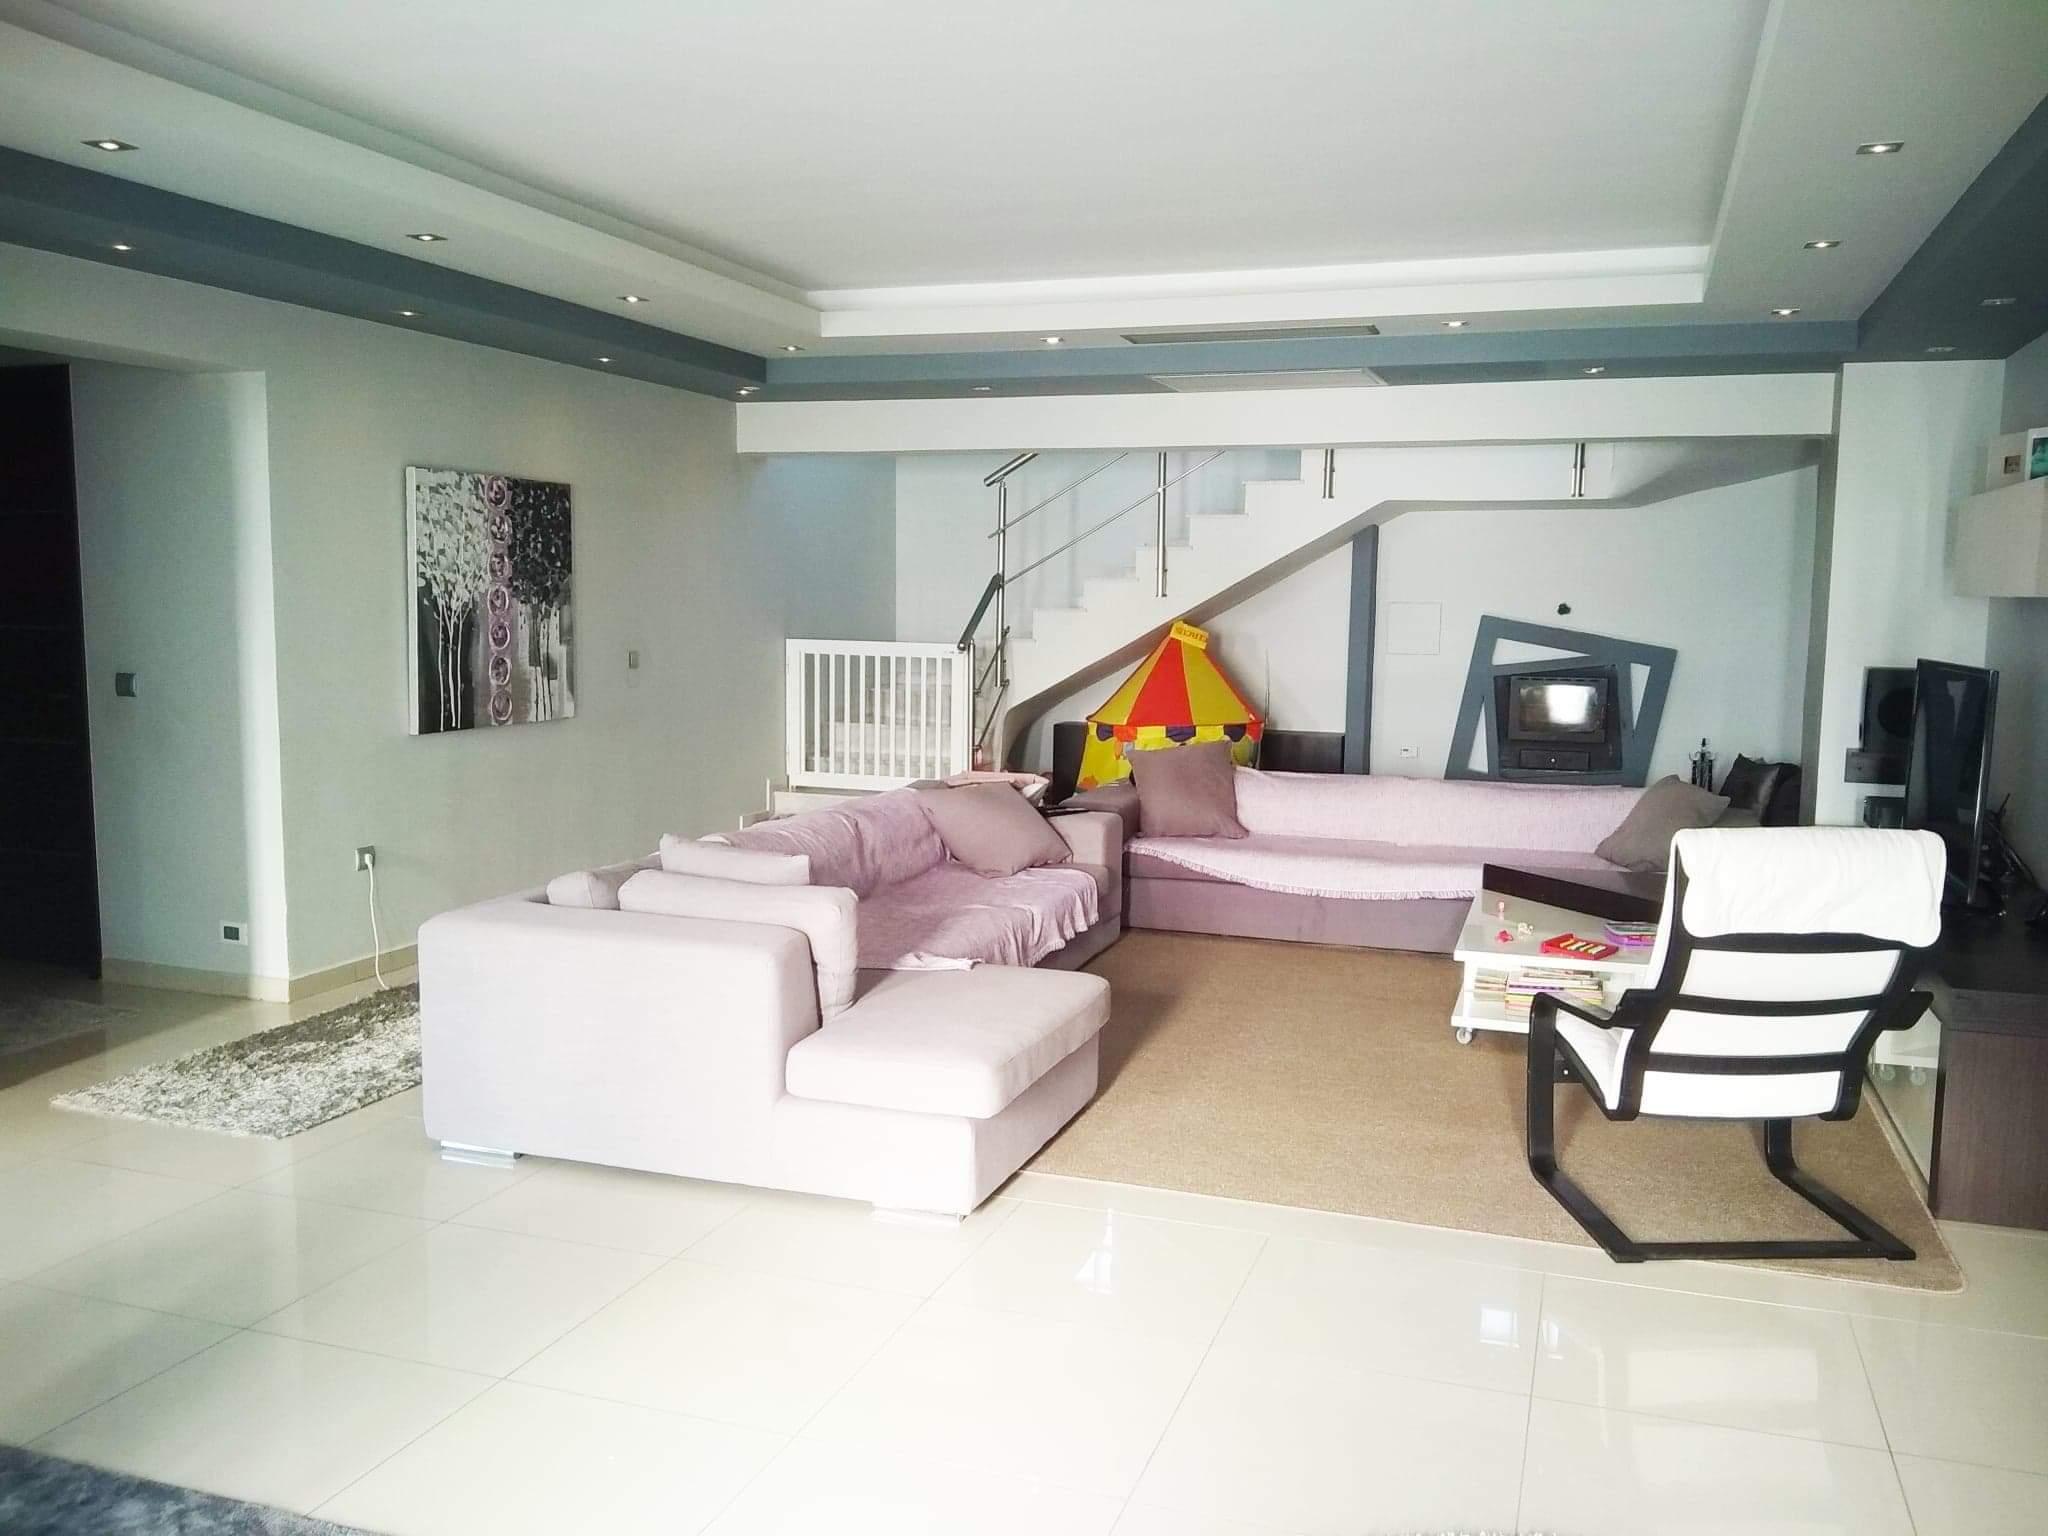 Μονοκατοικία πολυτελής, Τσαΐρι, Ρόδος,KAS-3875900